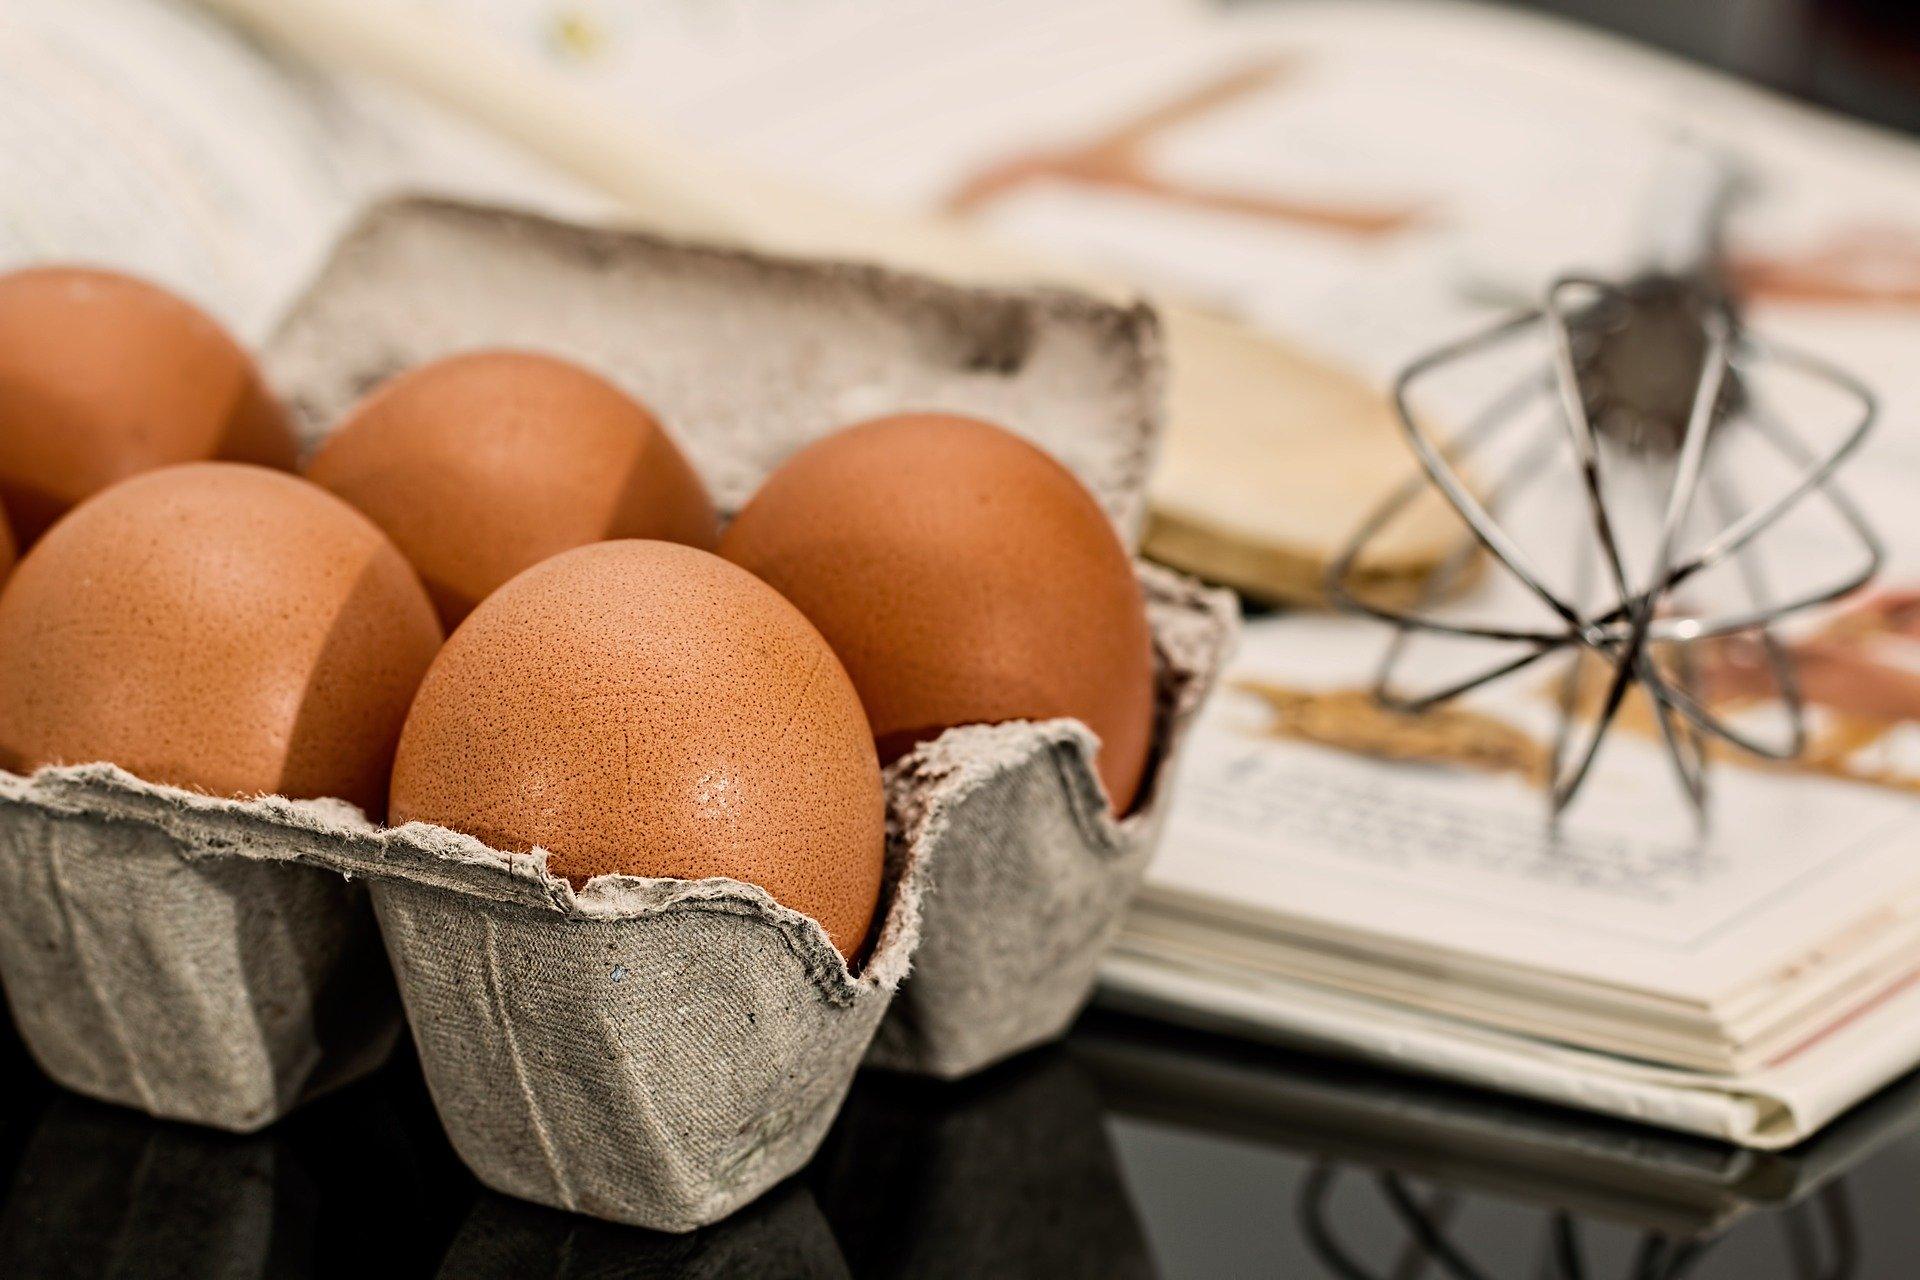 mesa-habla-huevos-dieta-mediterranea